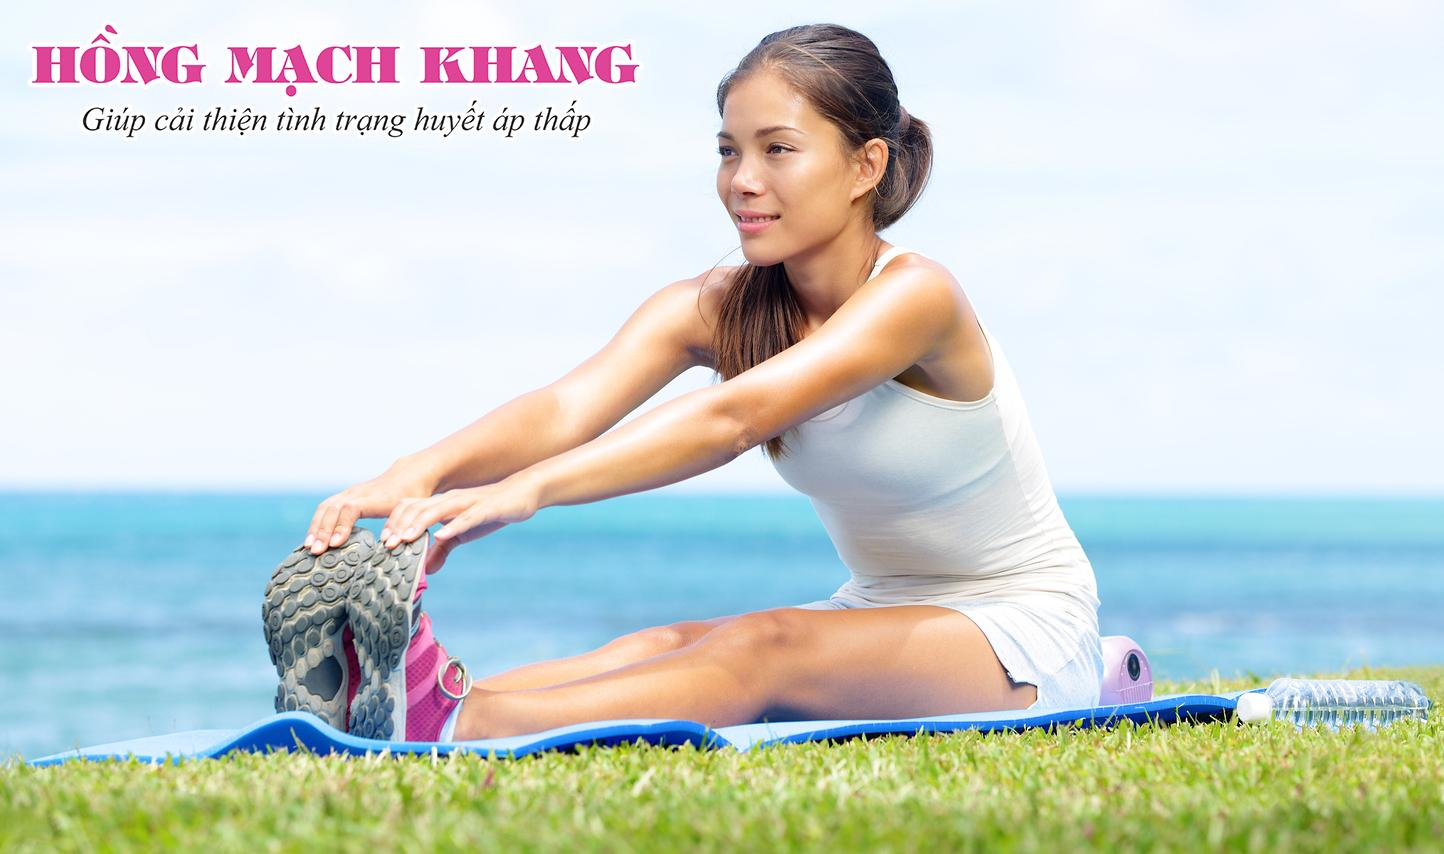 Tập thể dục đúng cách giúp cải thiện triệu chứng huyết áp thấp hiệu quả